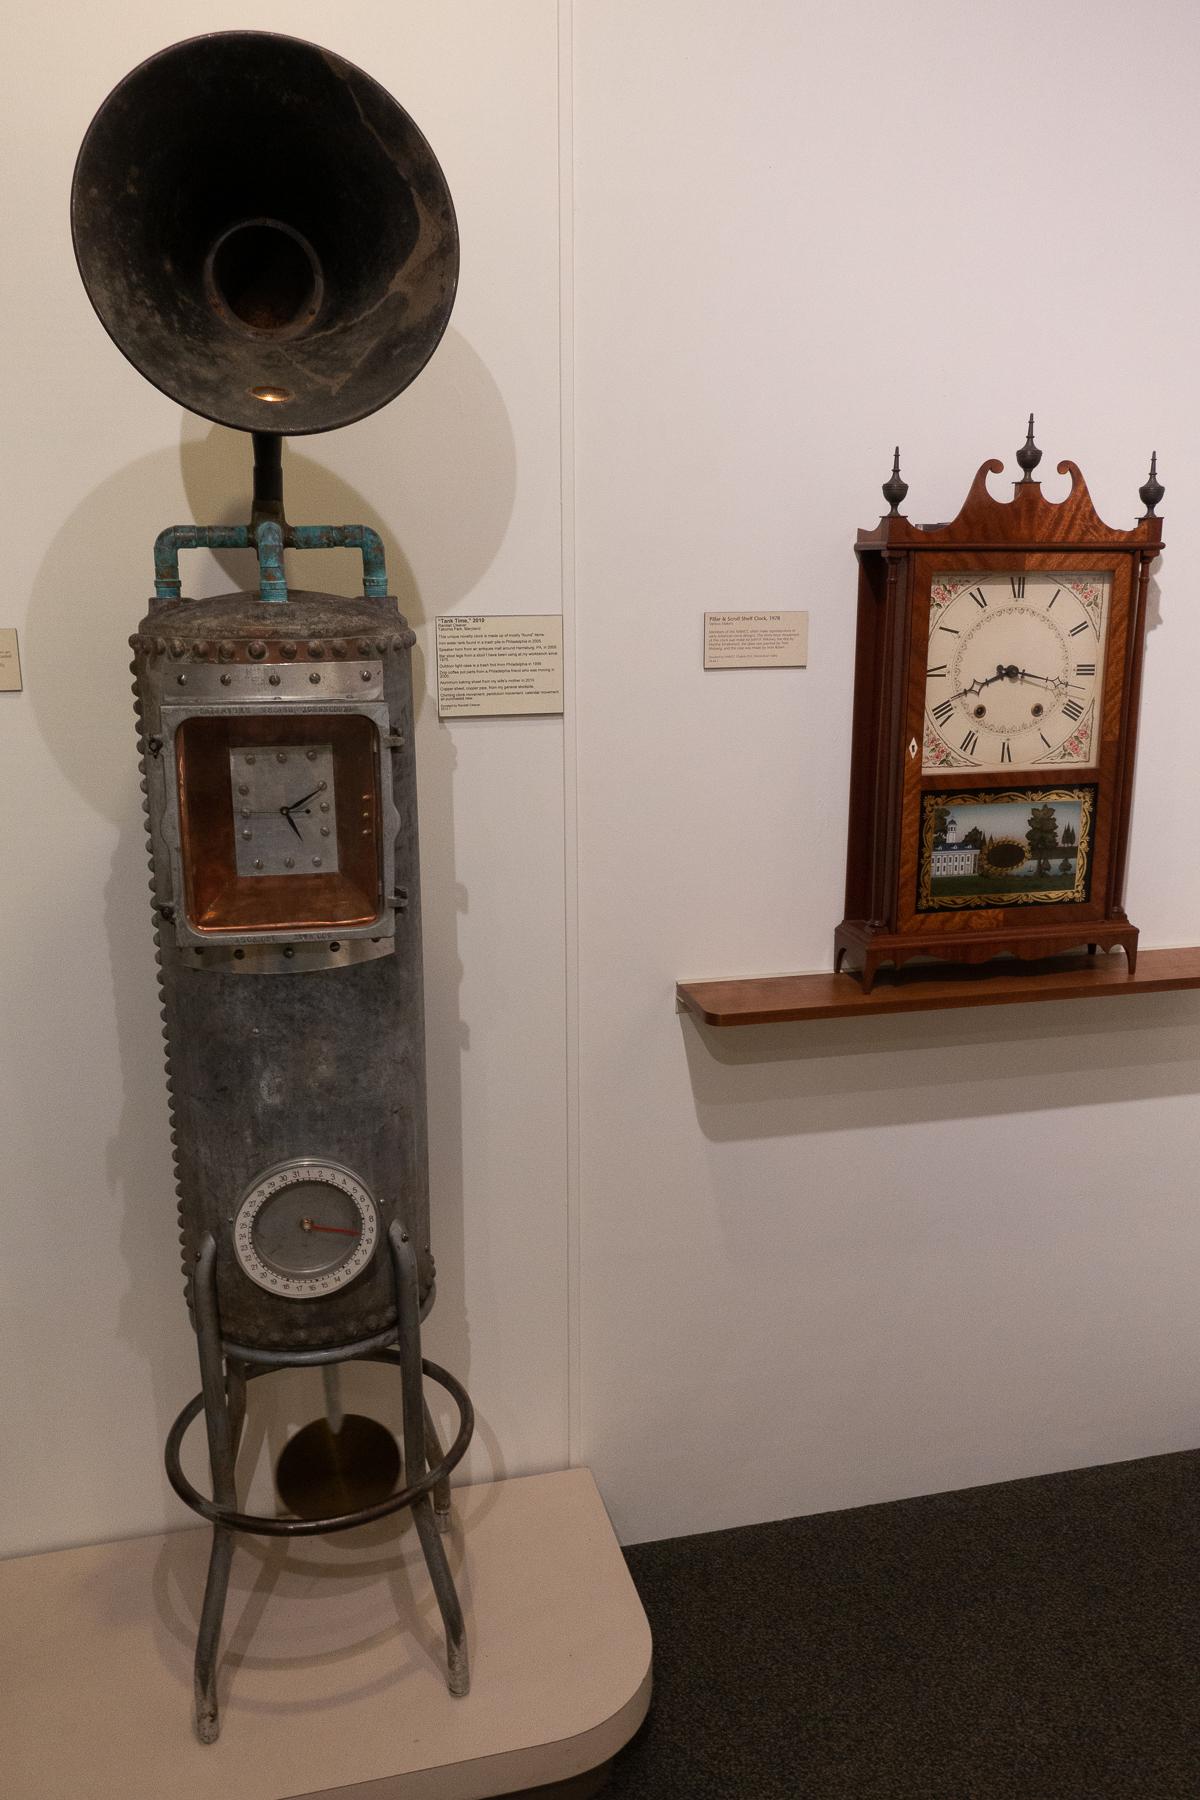 Time Tank & Shelf Clock